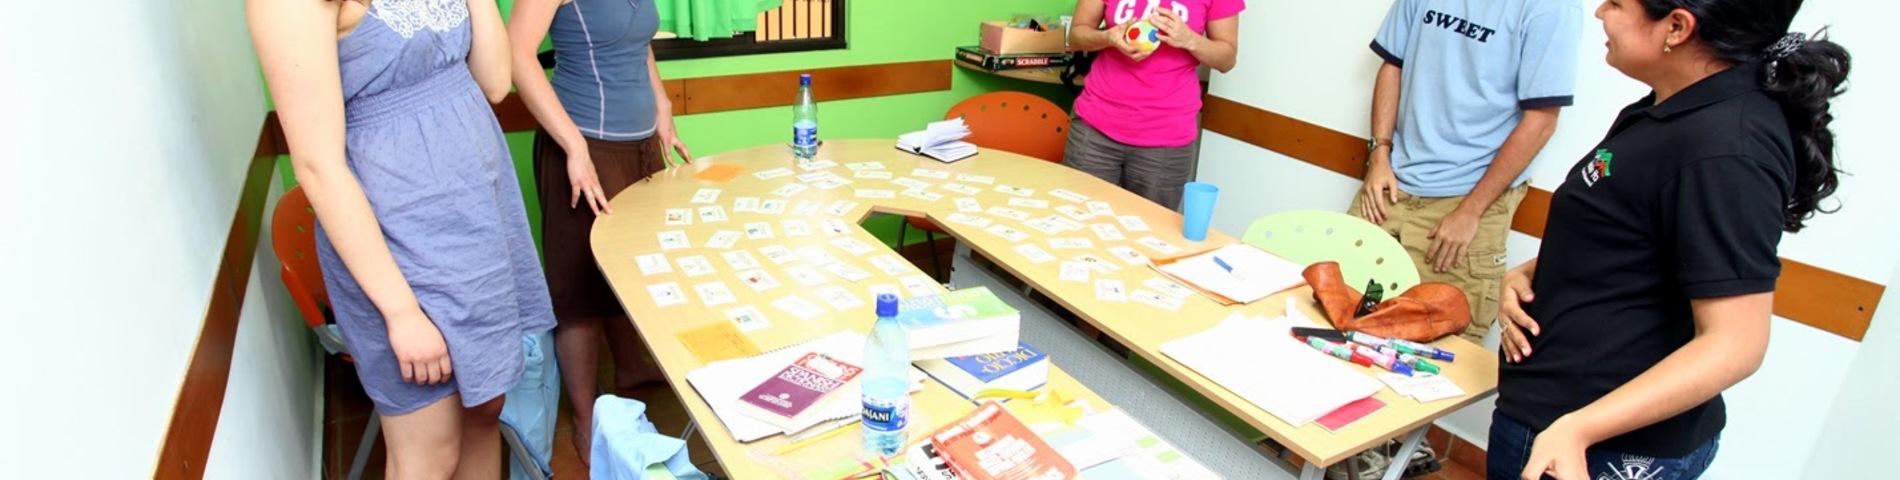 Habla Ya Spanish School picture 1